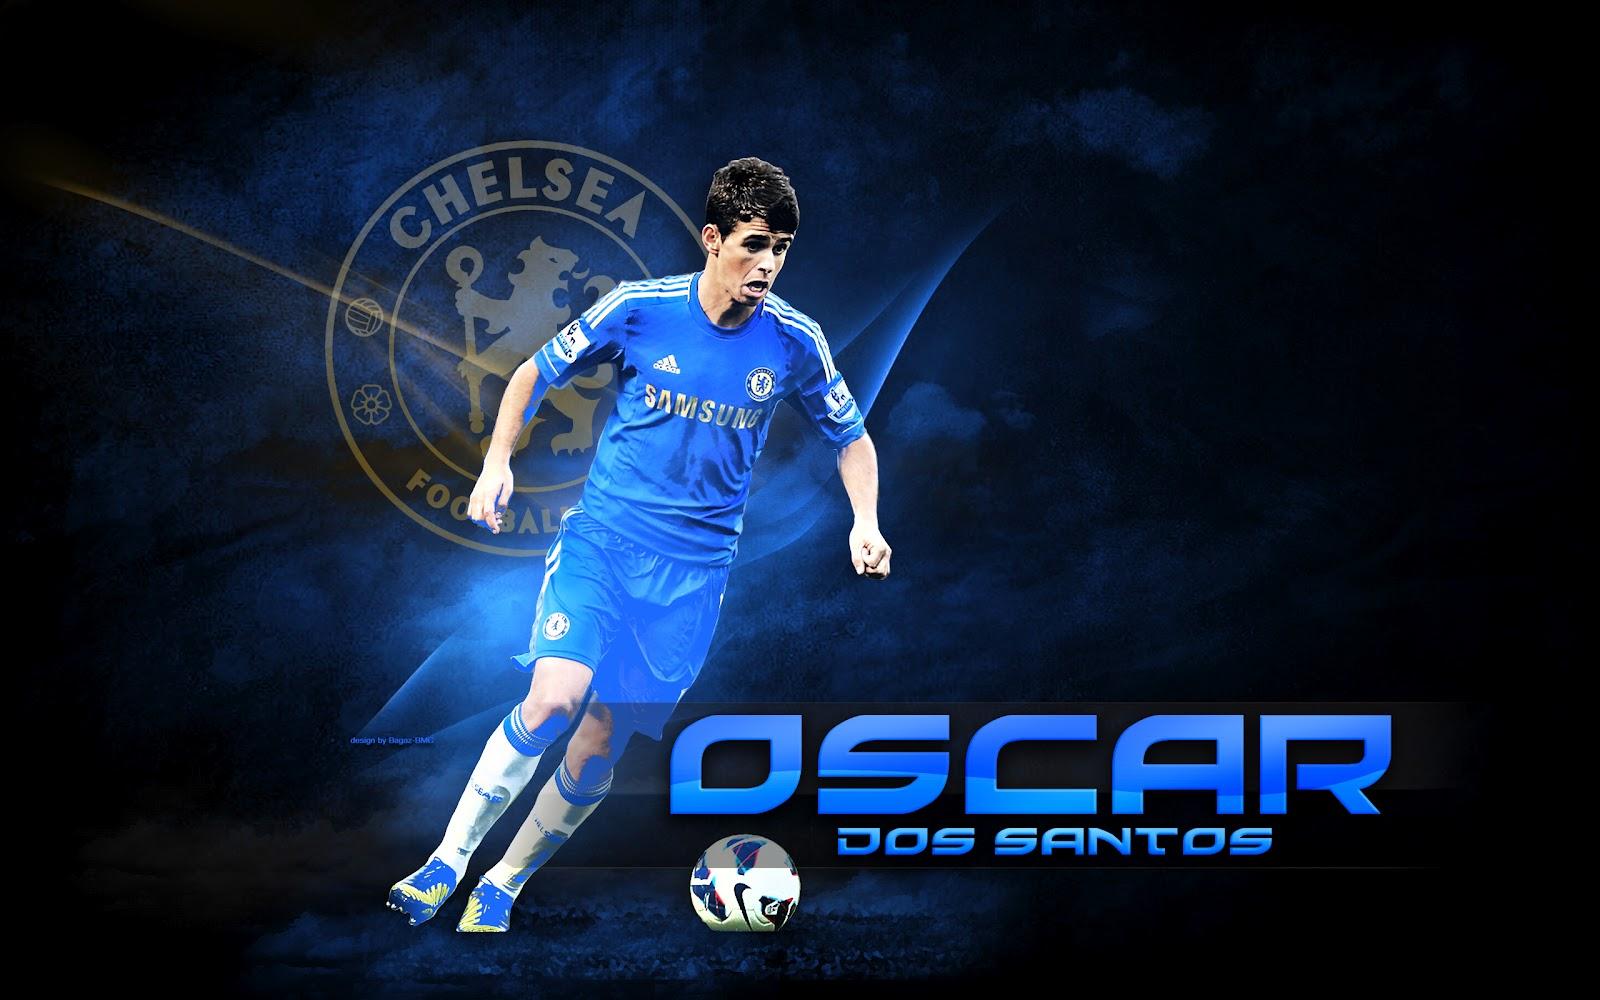 http://1.bp.blogspot.com/-uIHY5k0iv2A/UGNDNnH48PI/AAAAAAAAA8o/84oMaDnVudY/s1600/Oscar.jpg